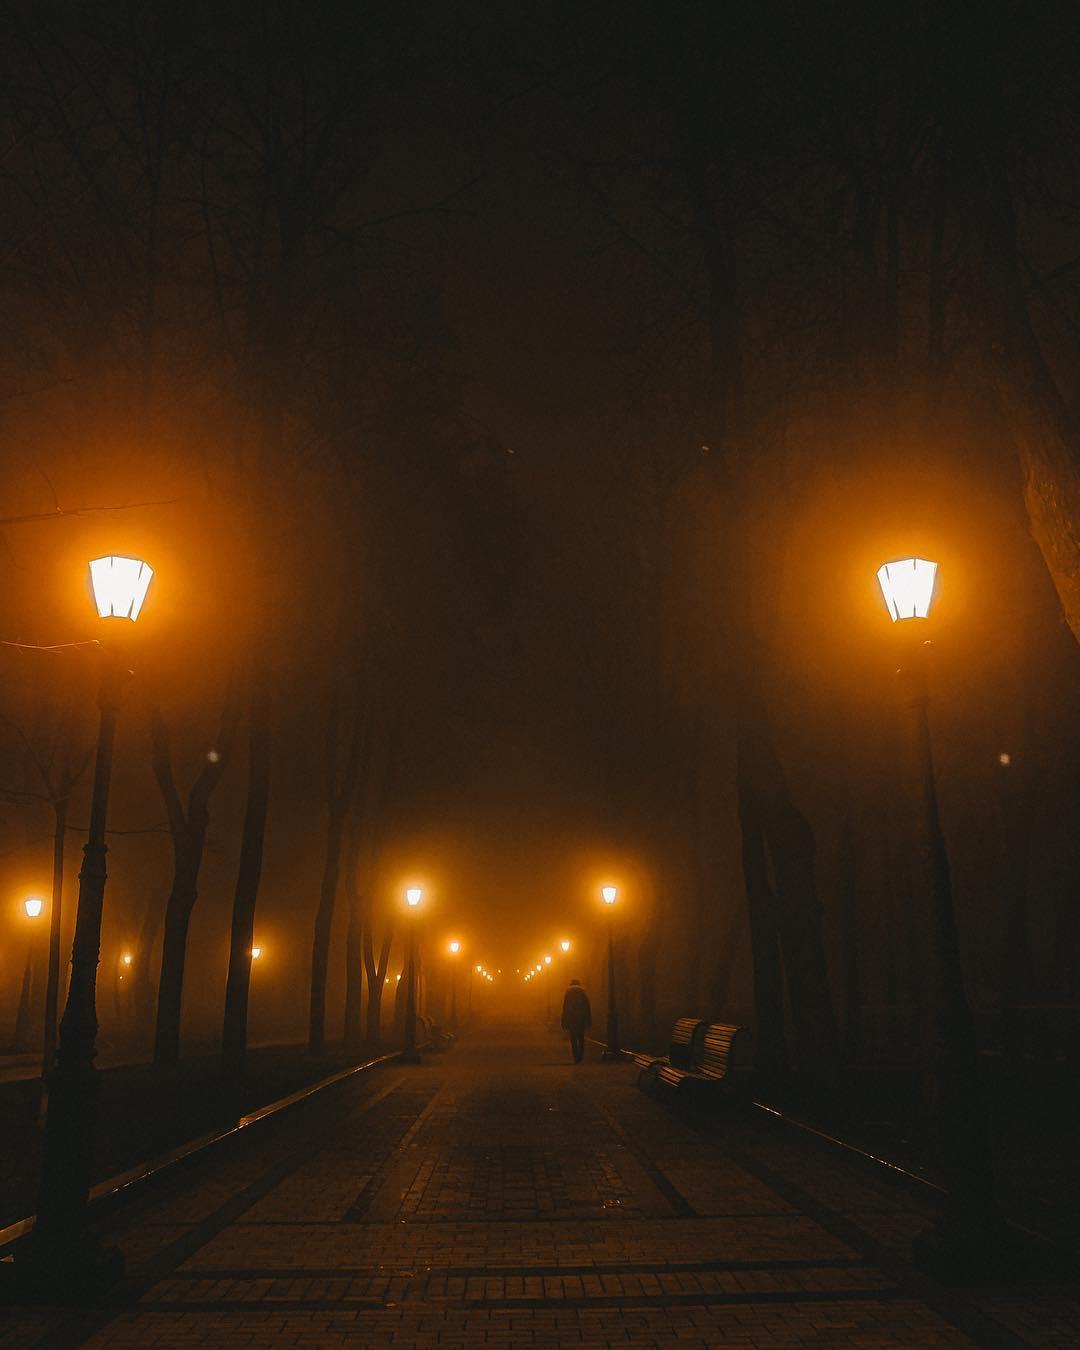 А наступление ночи - это идеальное время для долгих прогулок при свете фонарей. Фото - @helicopters_kyiv